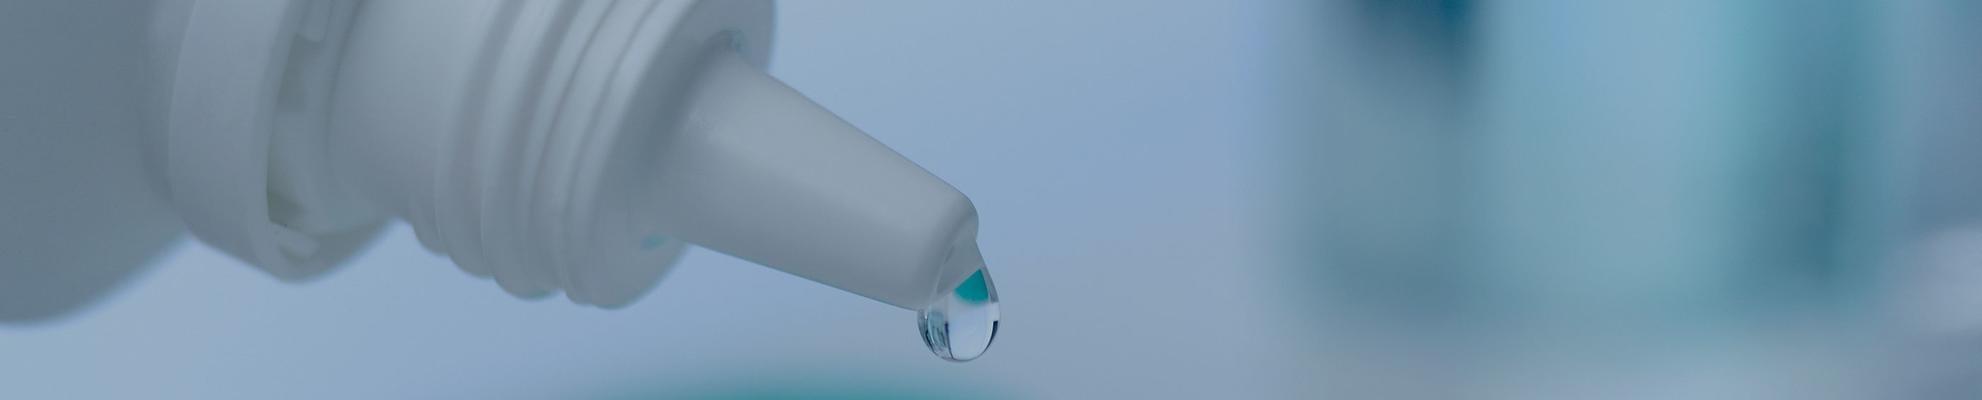 Solução e estojo de lentes de contato